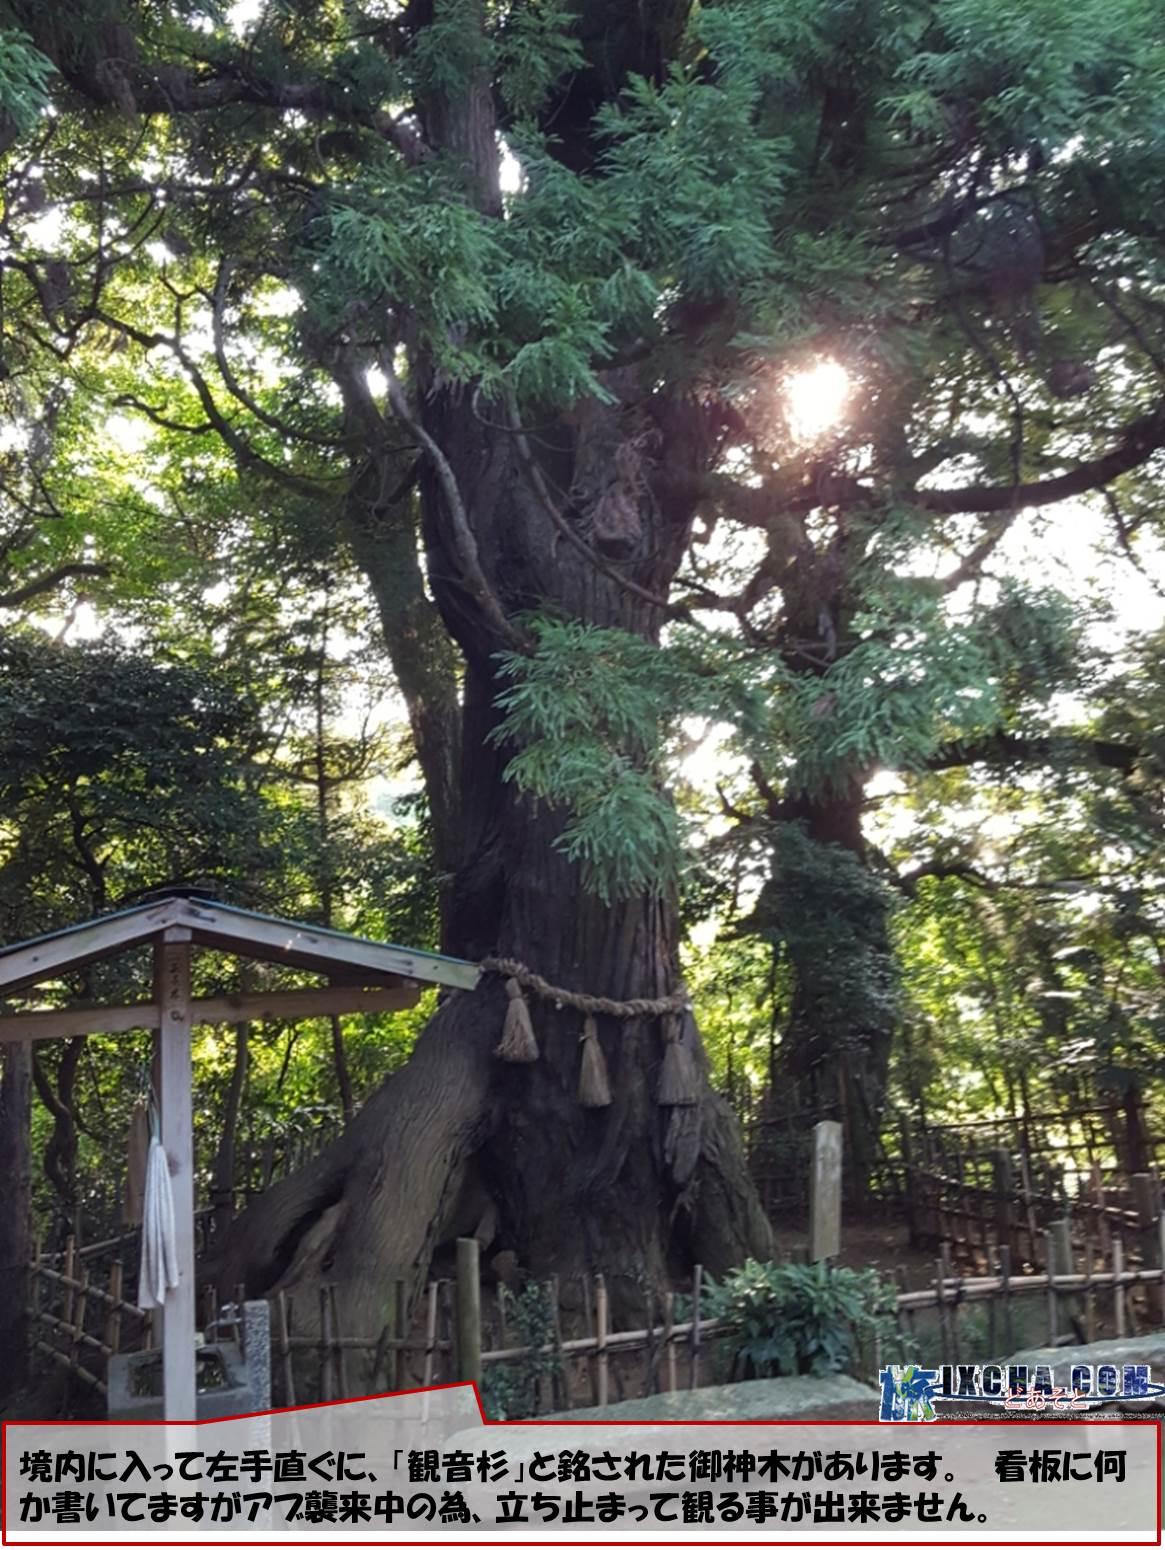 境内に入って左手直ぐに、「観音杉」と銘された御神木があります。 看板に何か書いてますがアブ襲来中の為、立ち止まって観る事が出来ません。